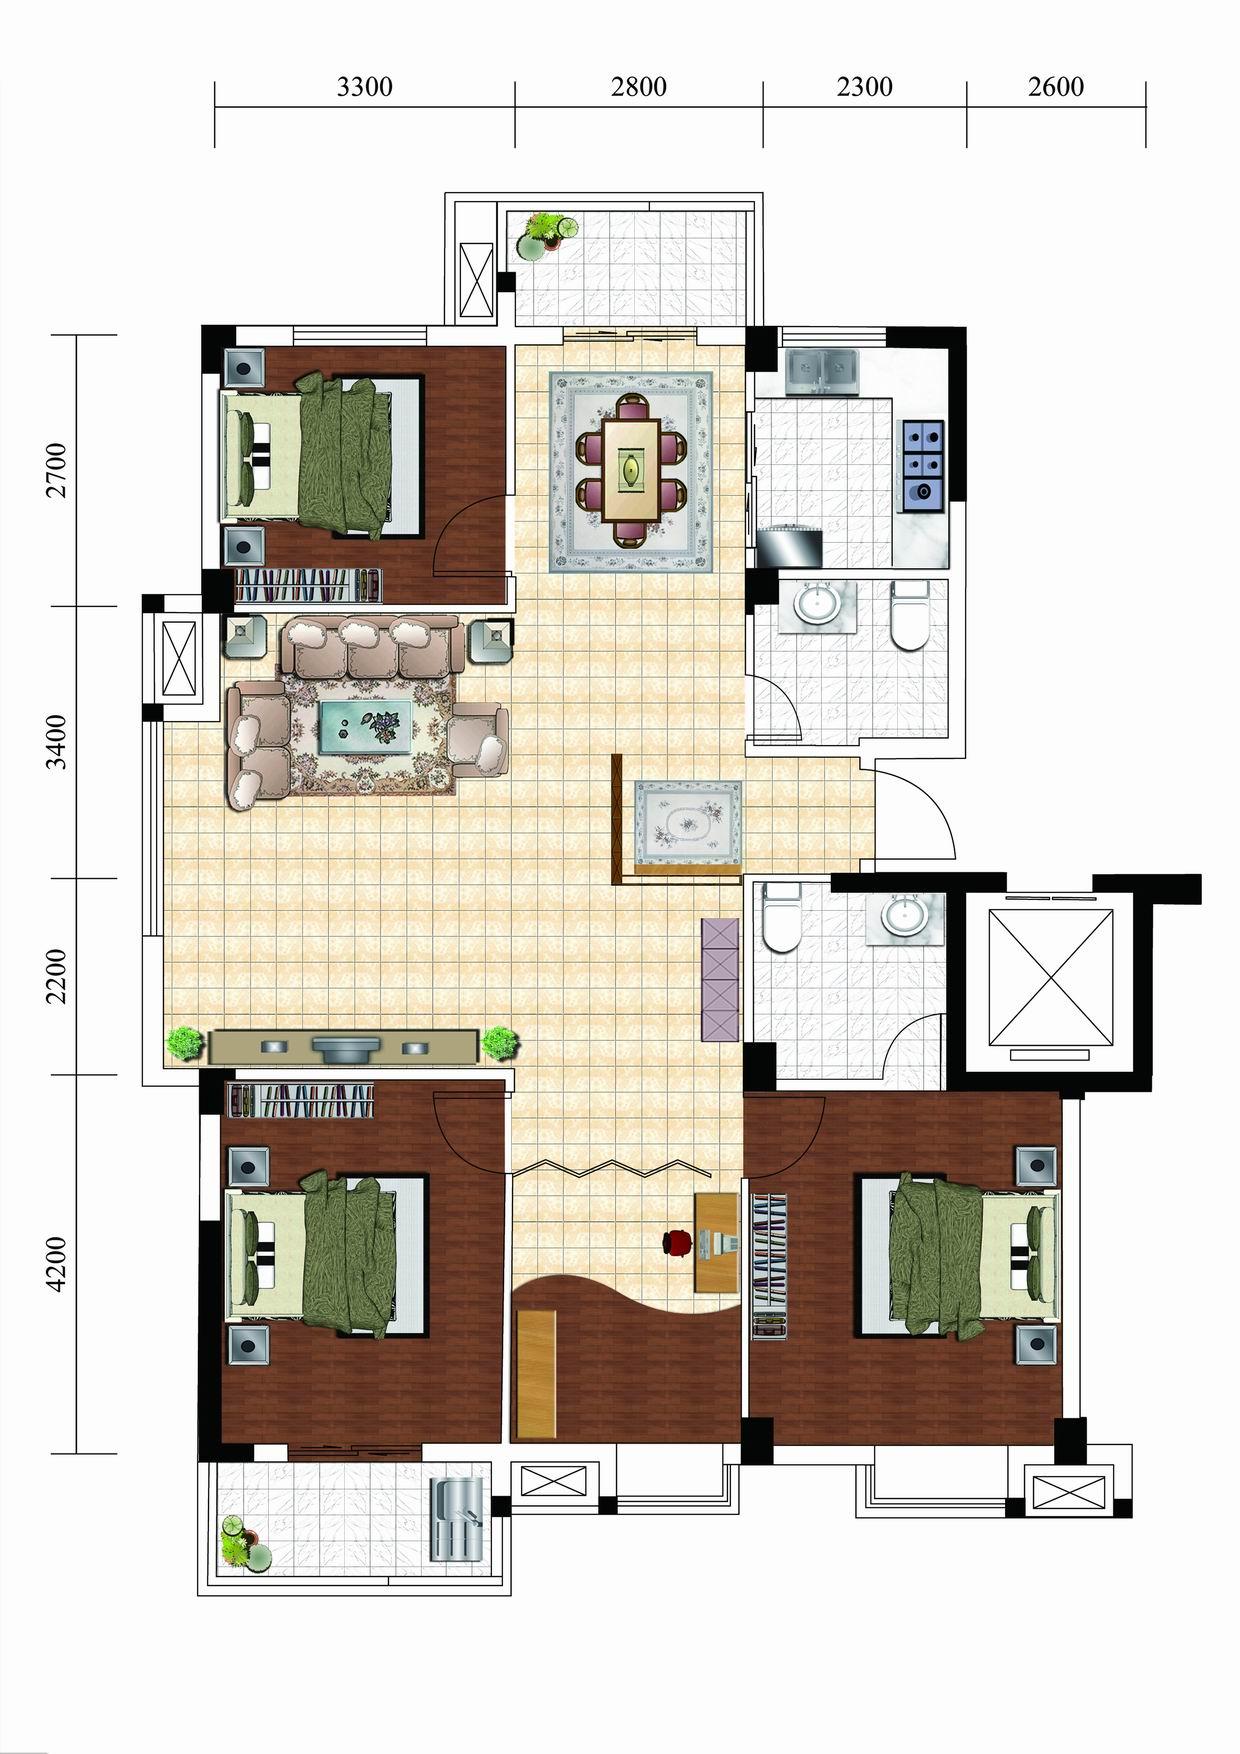 求农村2间3层房屋设计图,大概开间8米进深12米图片